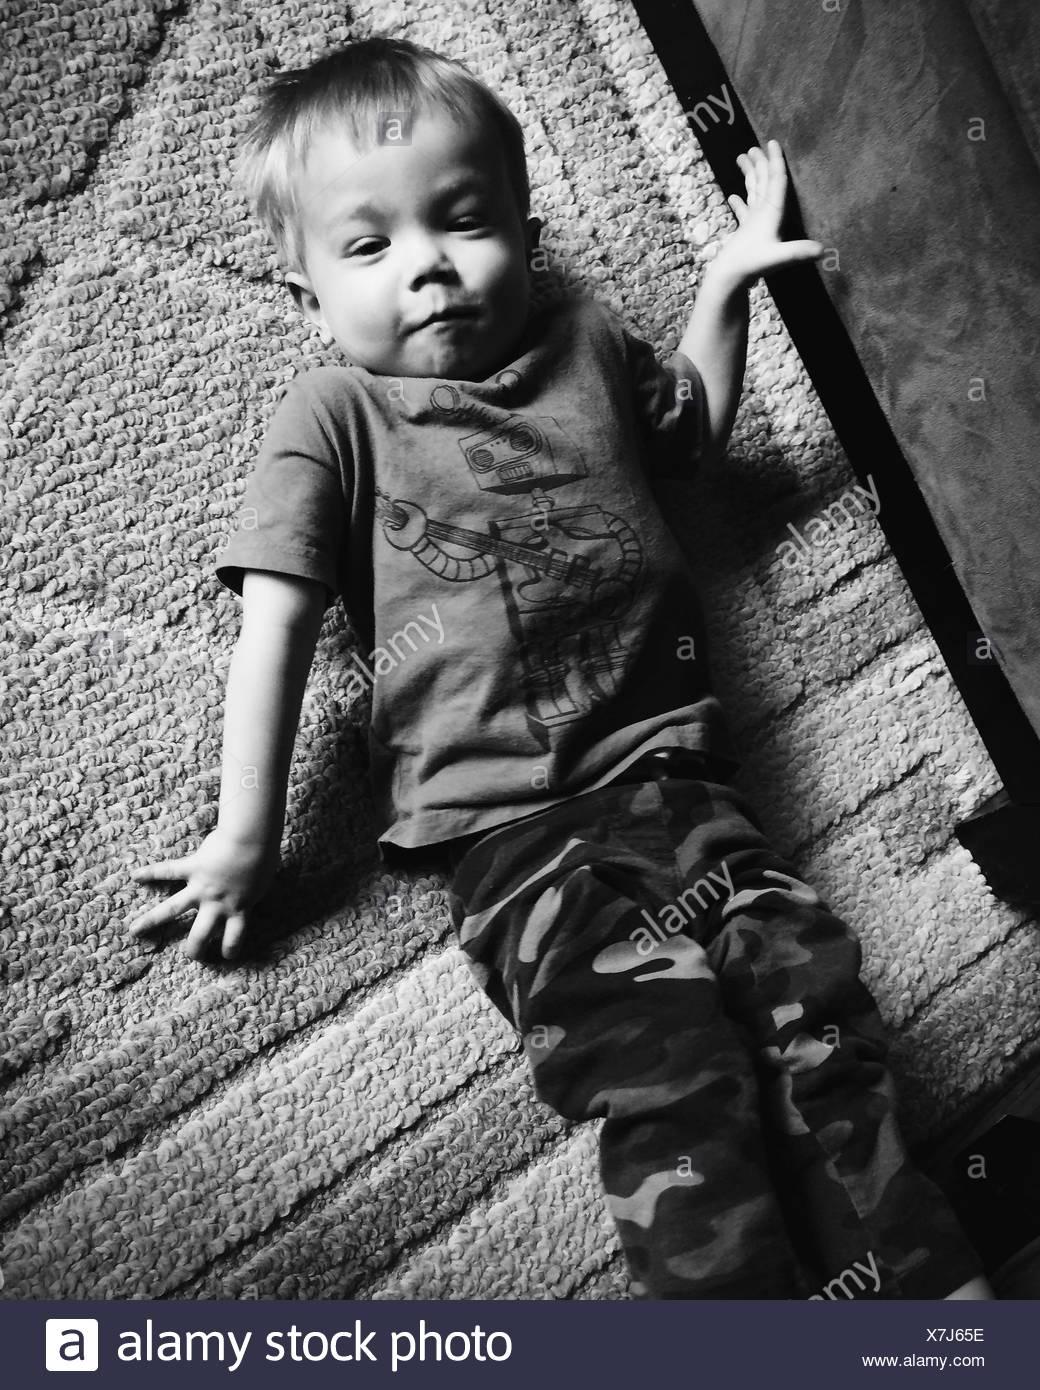 Junge liegend auf Teppich Stockbild